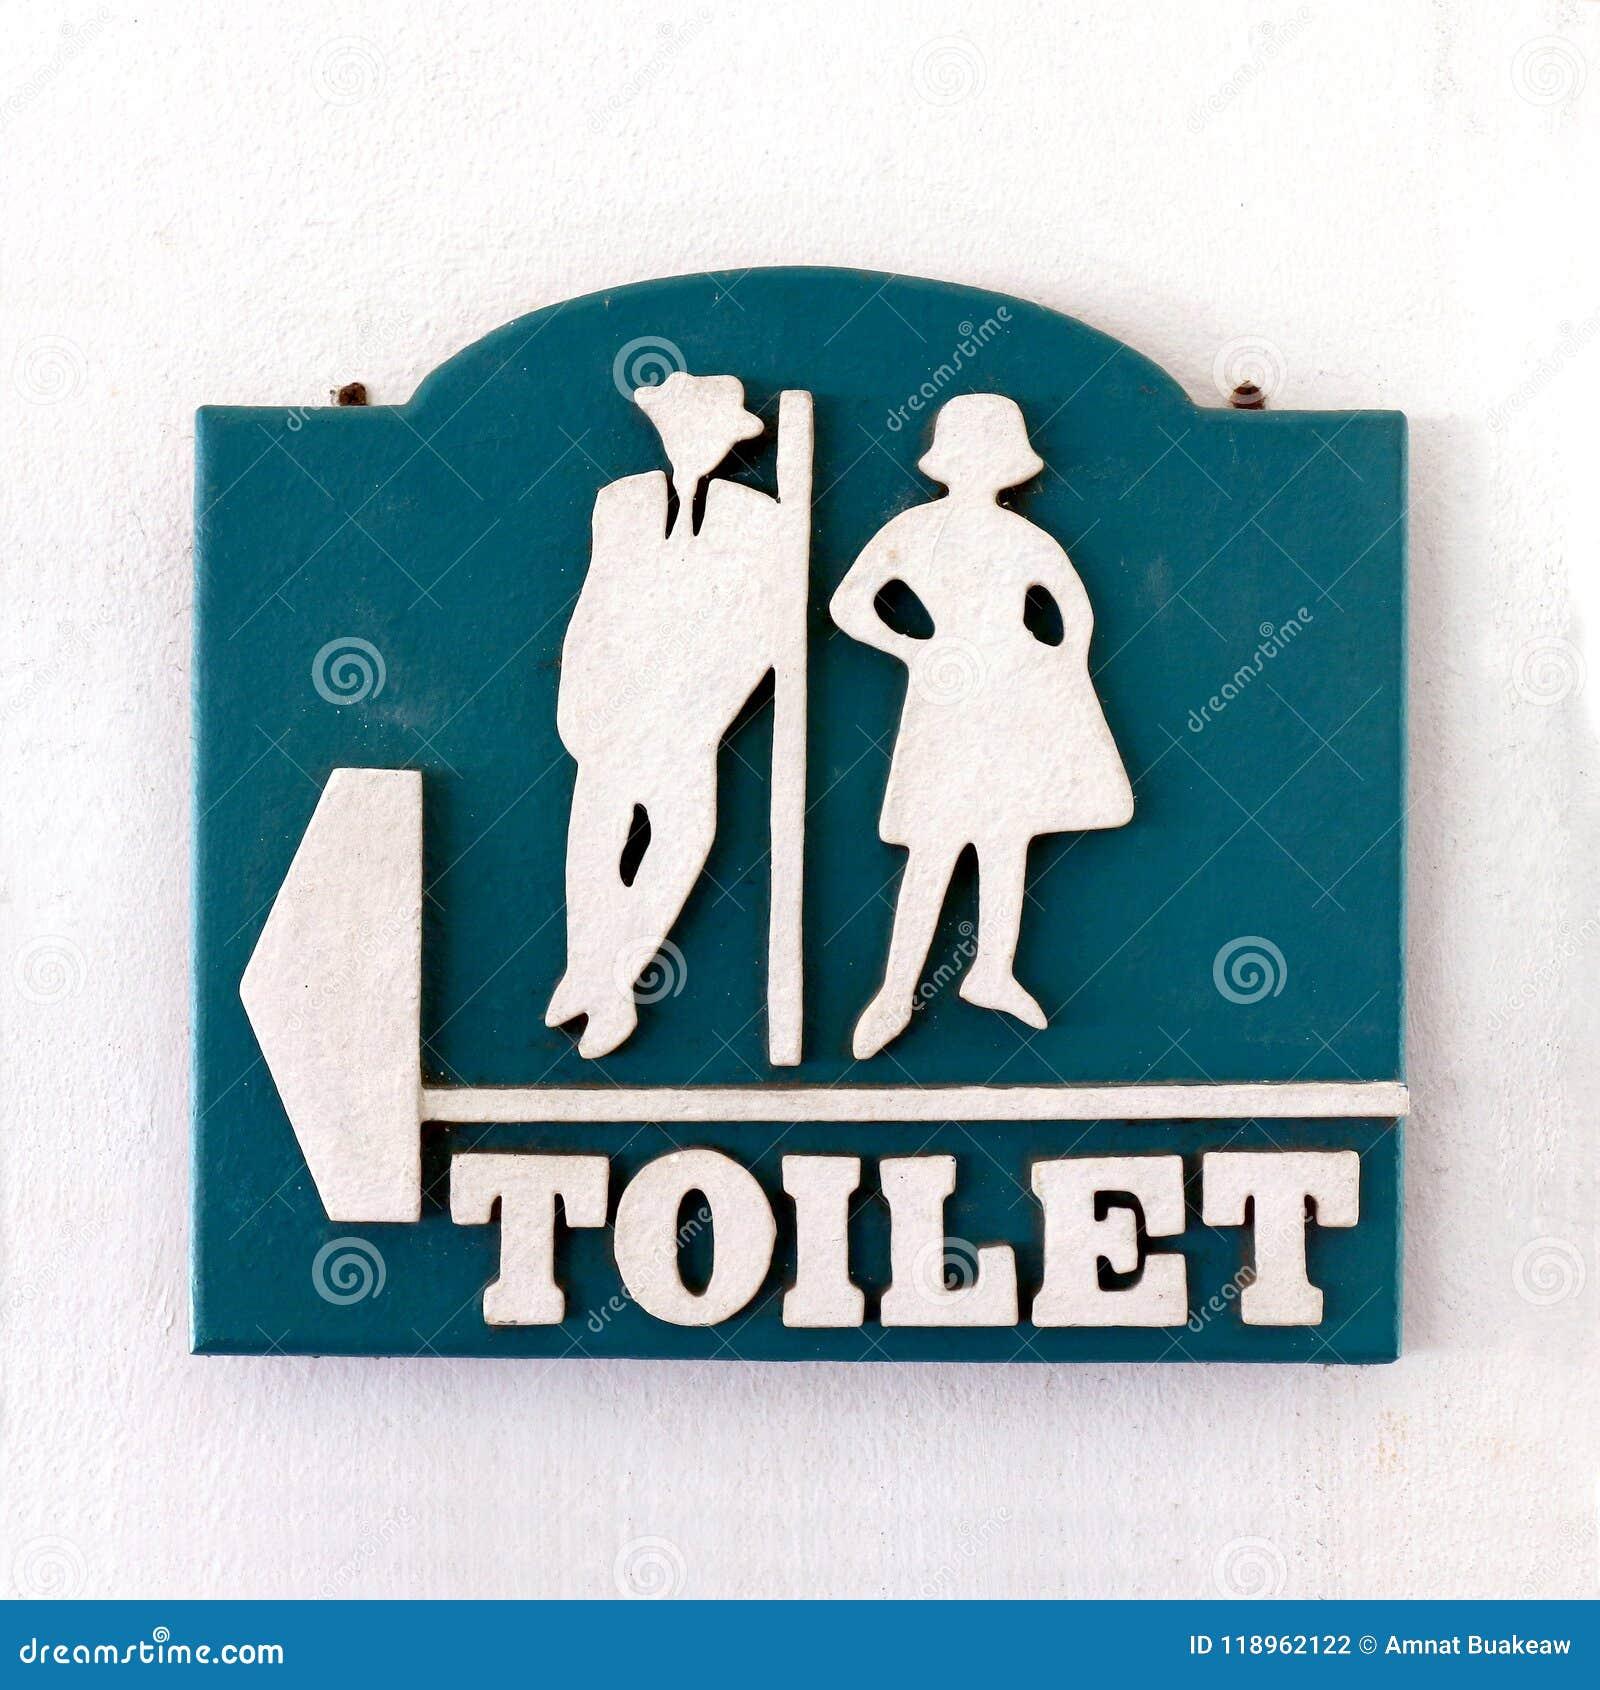 Sinal do banheiro, estilo velho homem-fêmea do vintage do toalete público do sinal na parede do cimento branco, sinal do toalete